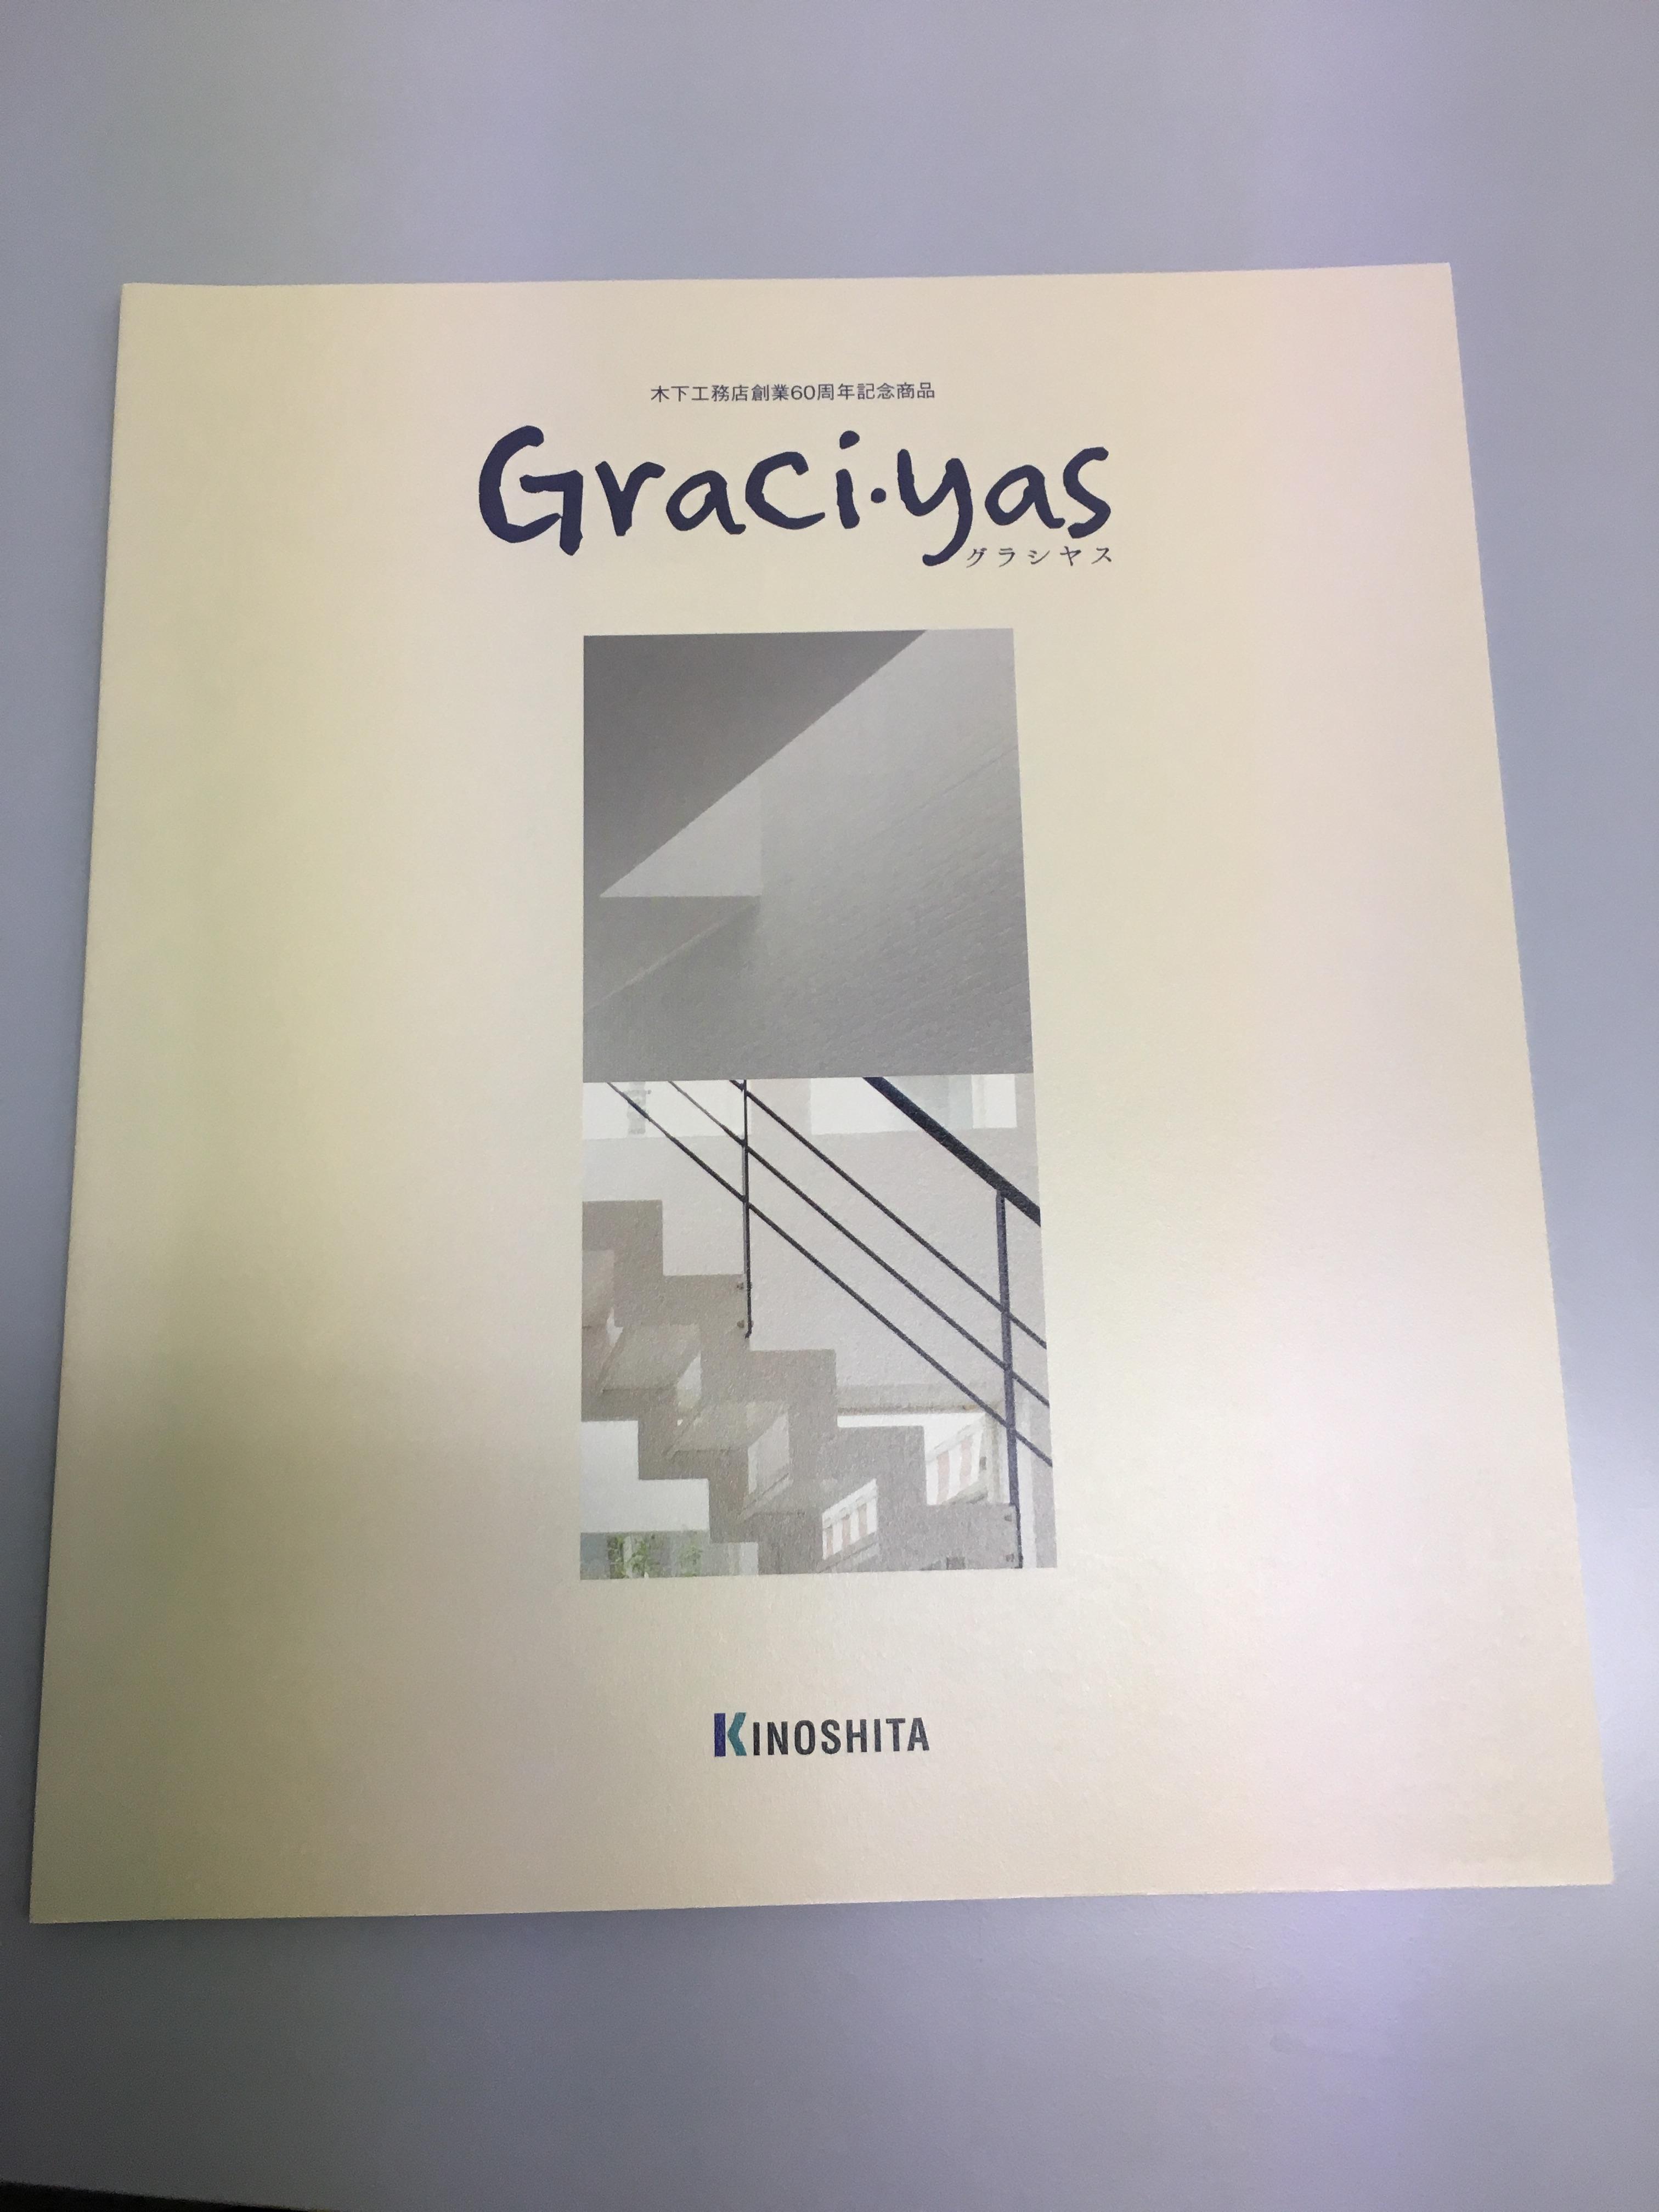 木下工務店のカタログ